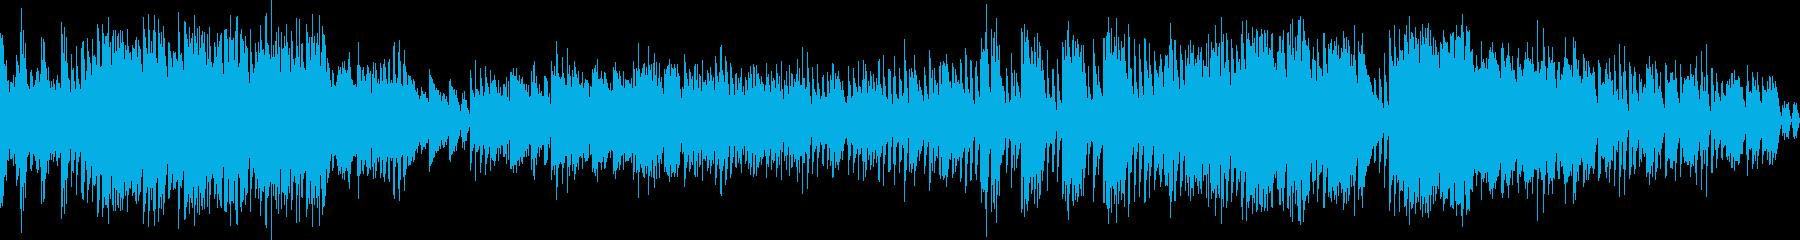 ループ用・和風・ピアノ・三味線・ノリノリの再生済みの波形